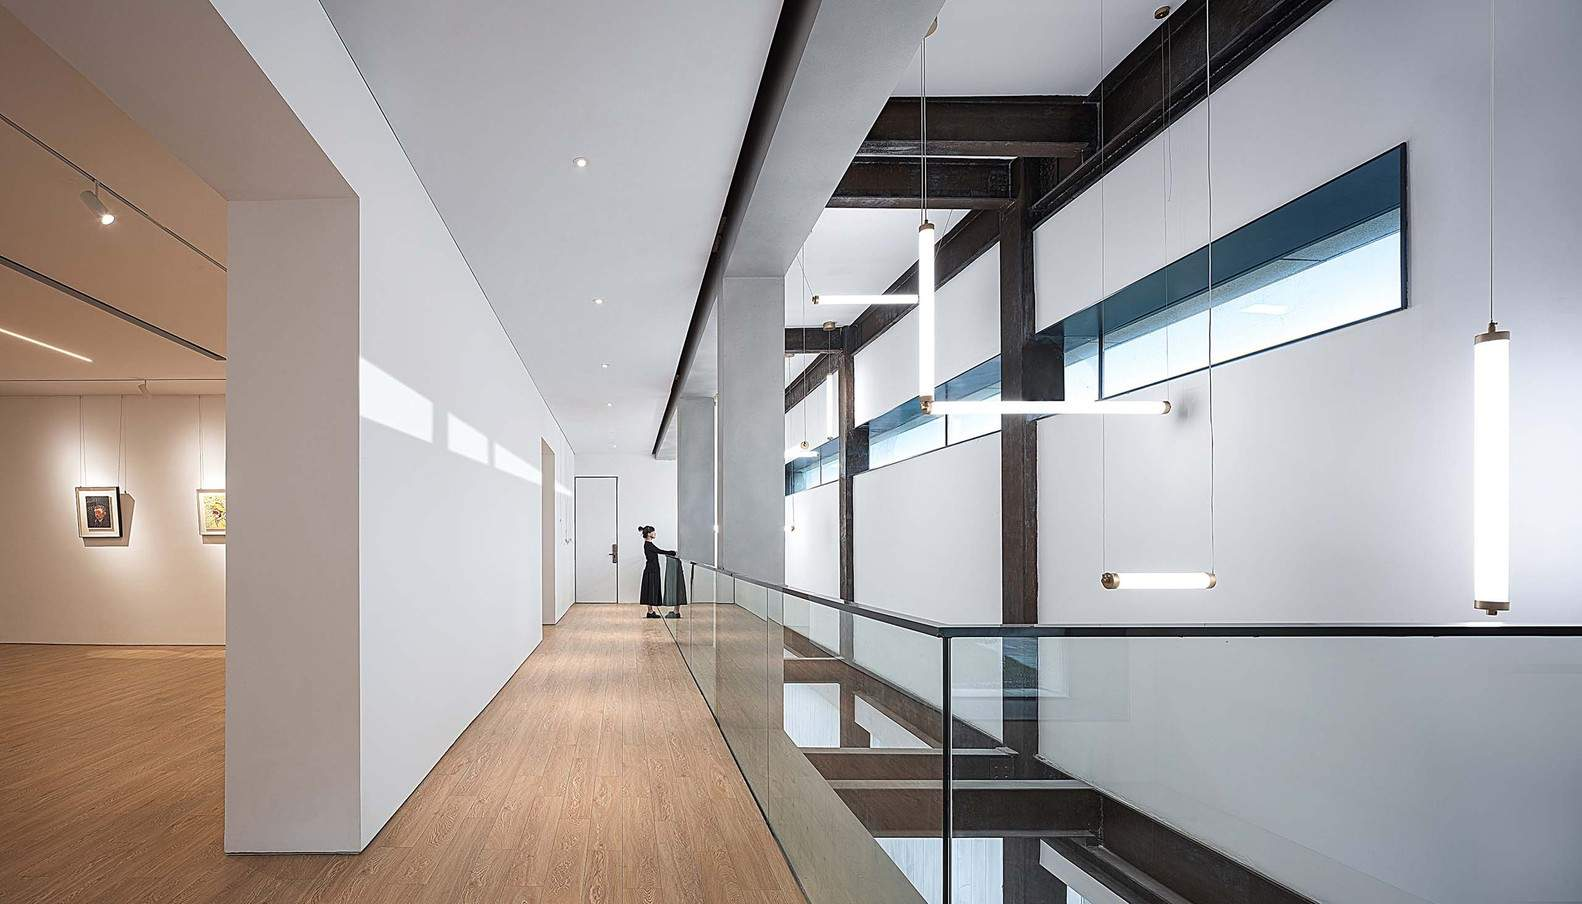 Світлі та просторі коридори комплексу / Фото Archdaily